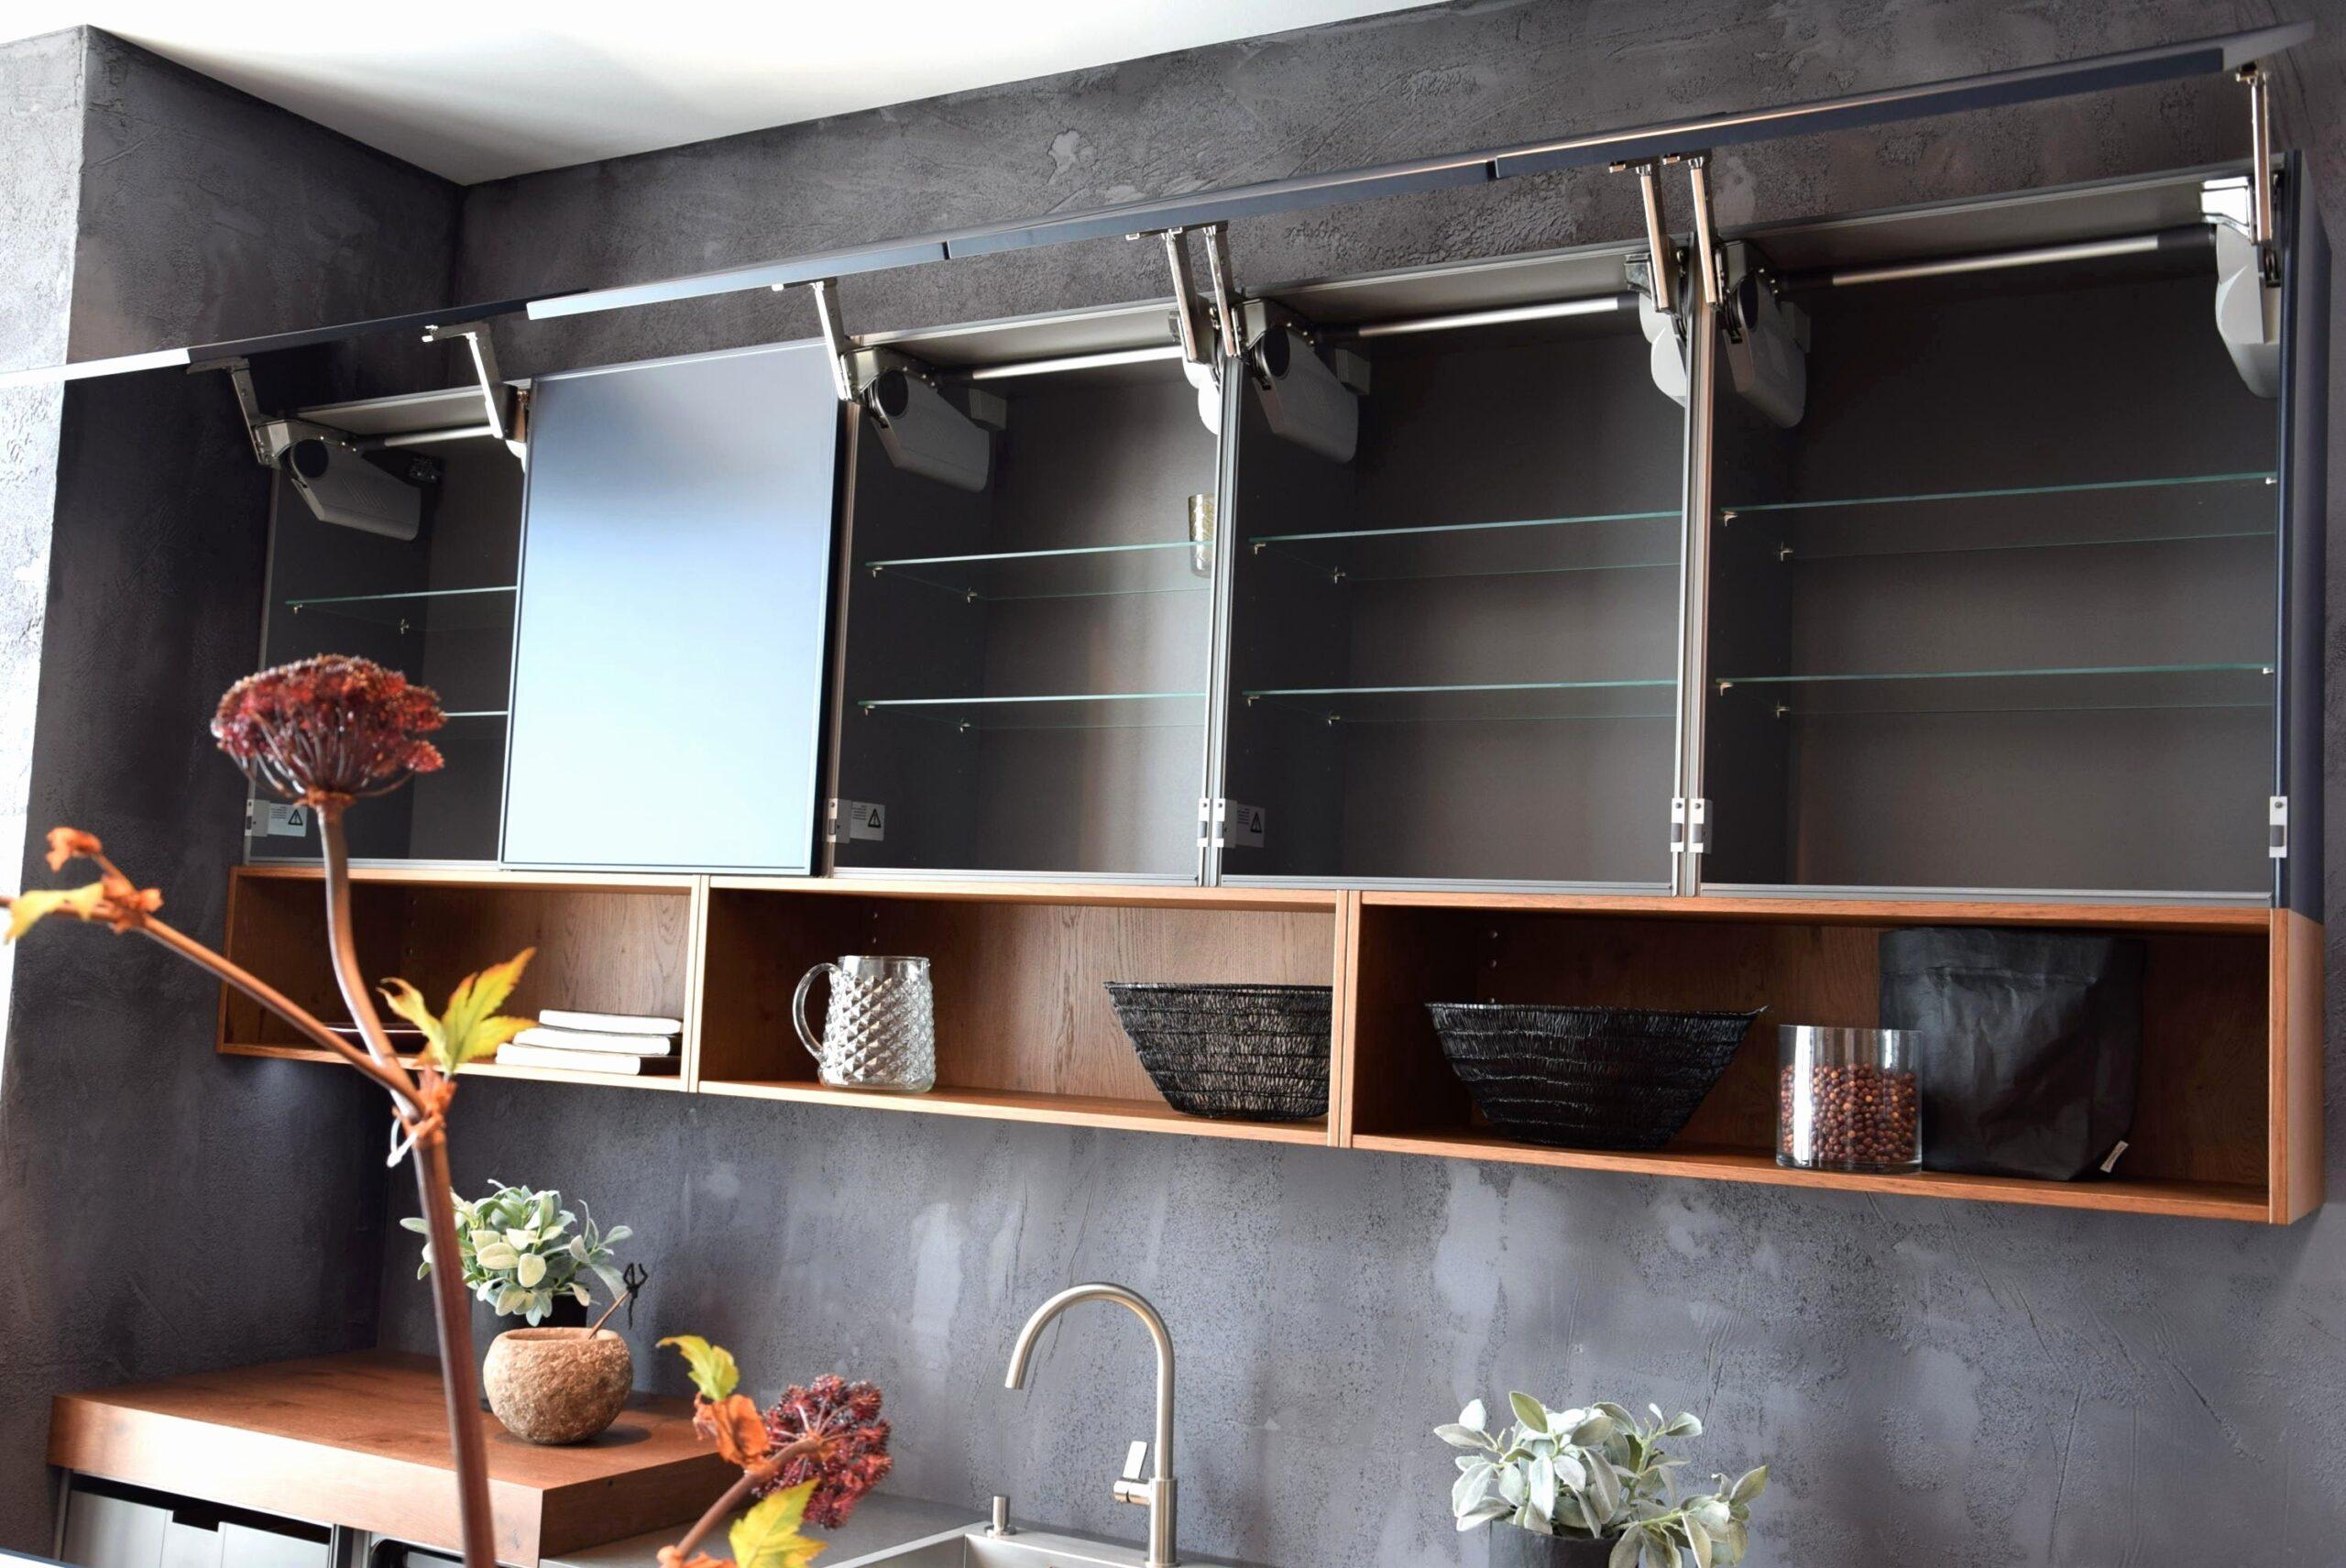 Full Size of Abschlussregal Wei P Grohe Gmbh Werkzeuge Und Beschlge In Fettabscheider Küche Schneidemaschine Schrankküche Led Beleuchtung Schnittschutzhandschuhe Wohnzimmer Aufsatzregal Küche